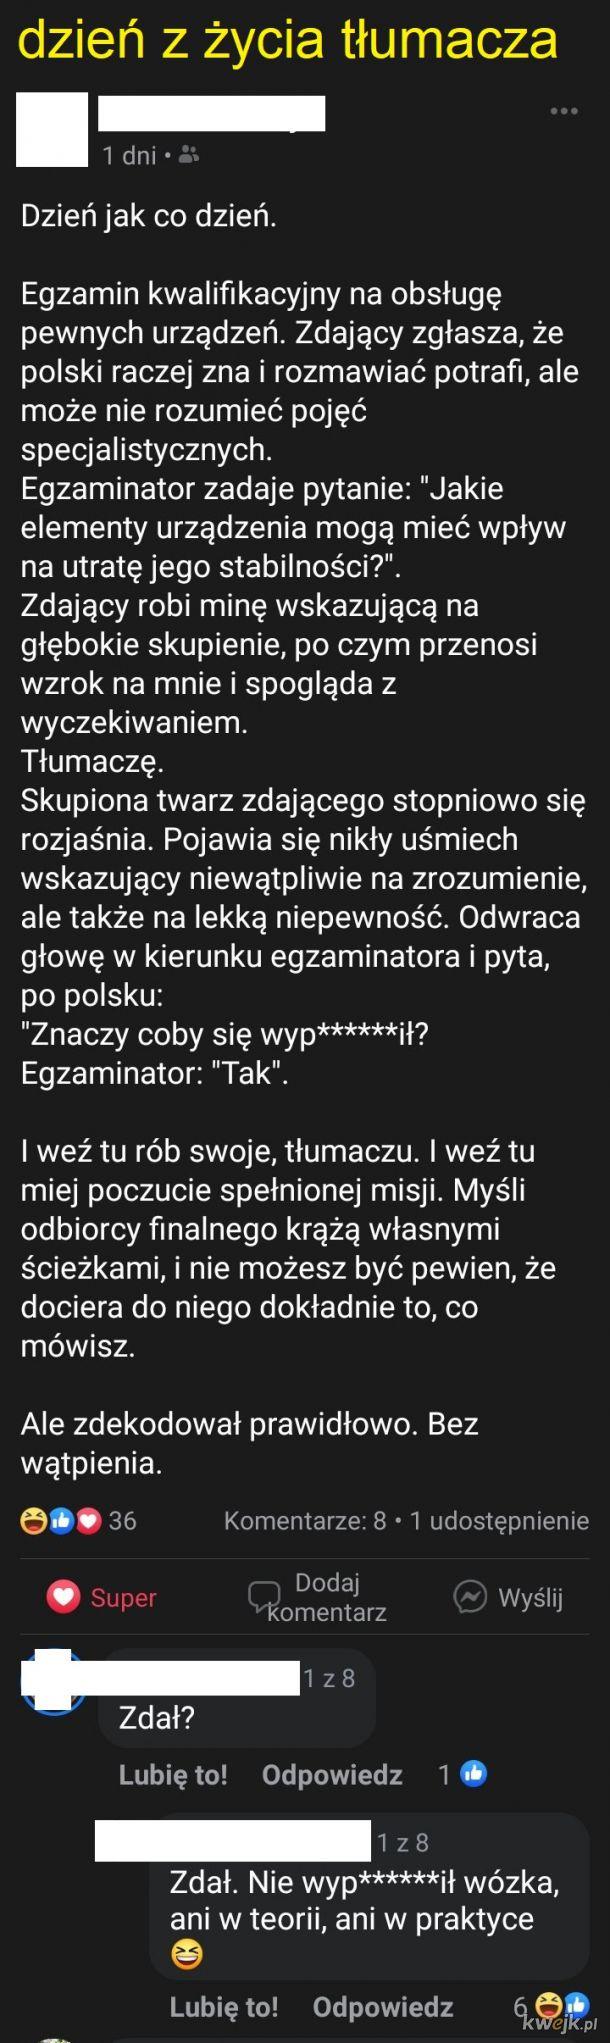 Przygody pani tłumaczki